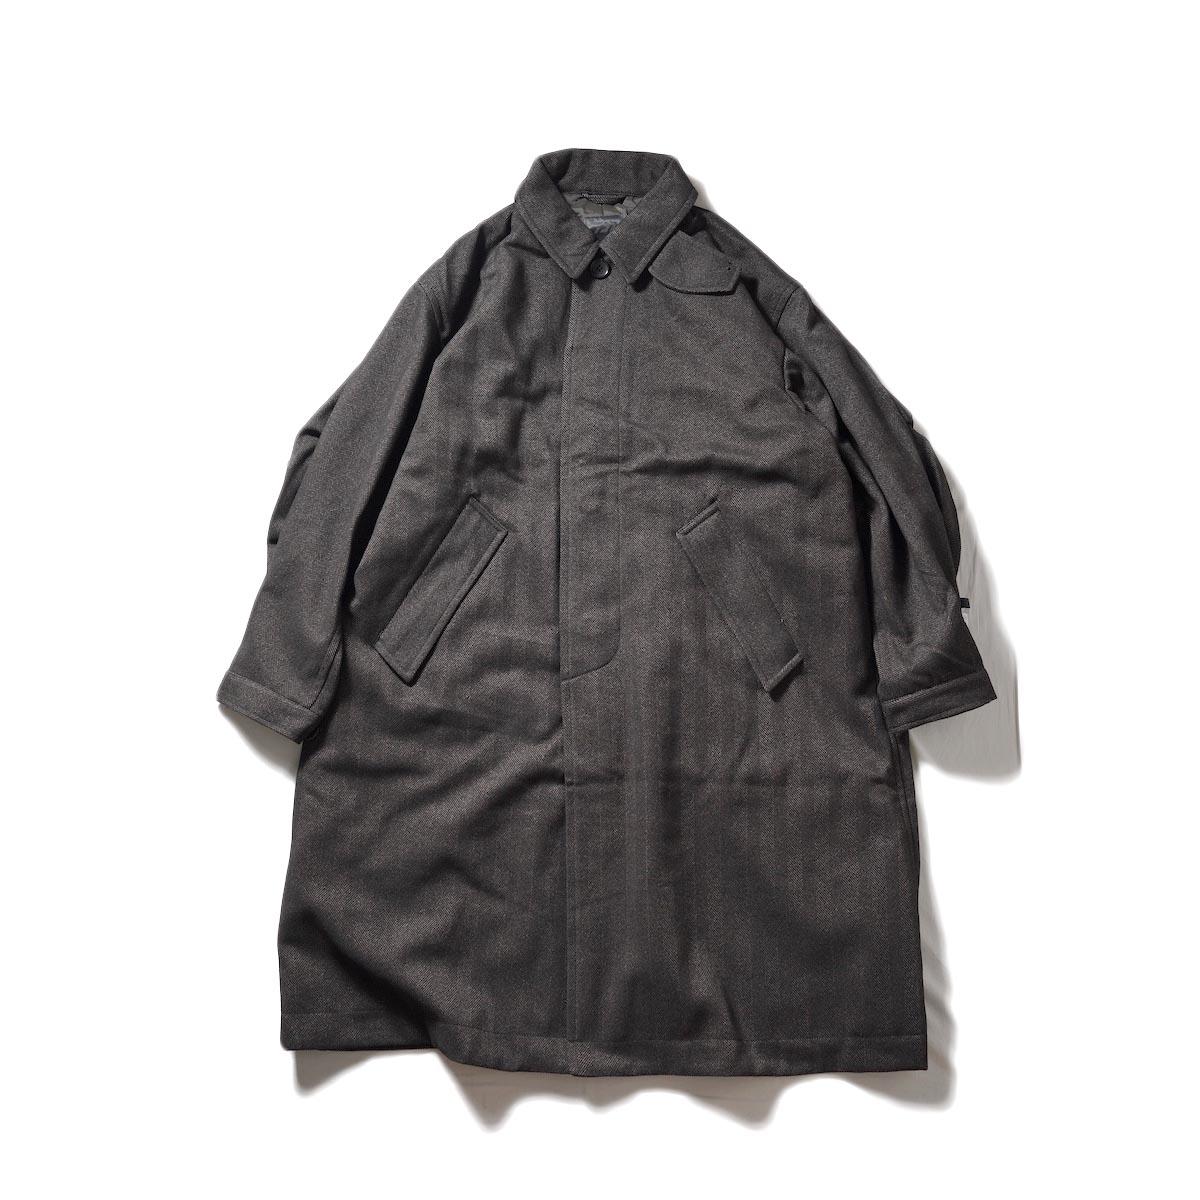 DAIWA PIER39 / GORE-TEX INFINIUM TECH TWEEDSOUTIEN COLLAR COAT (Brown)